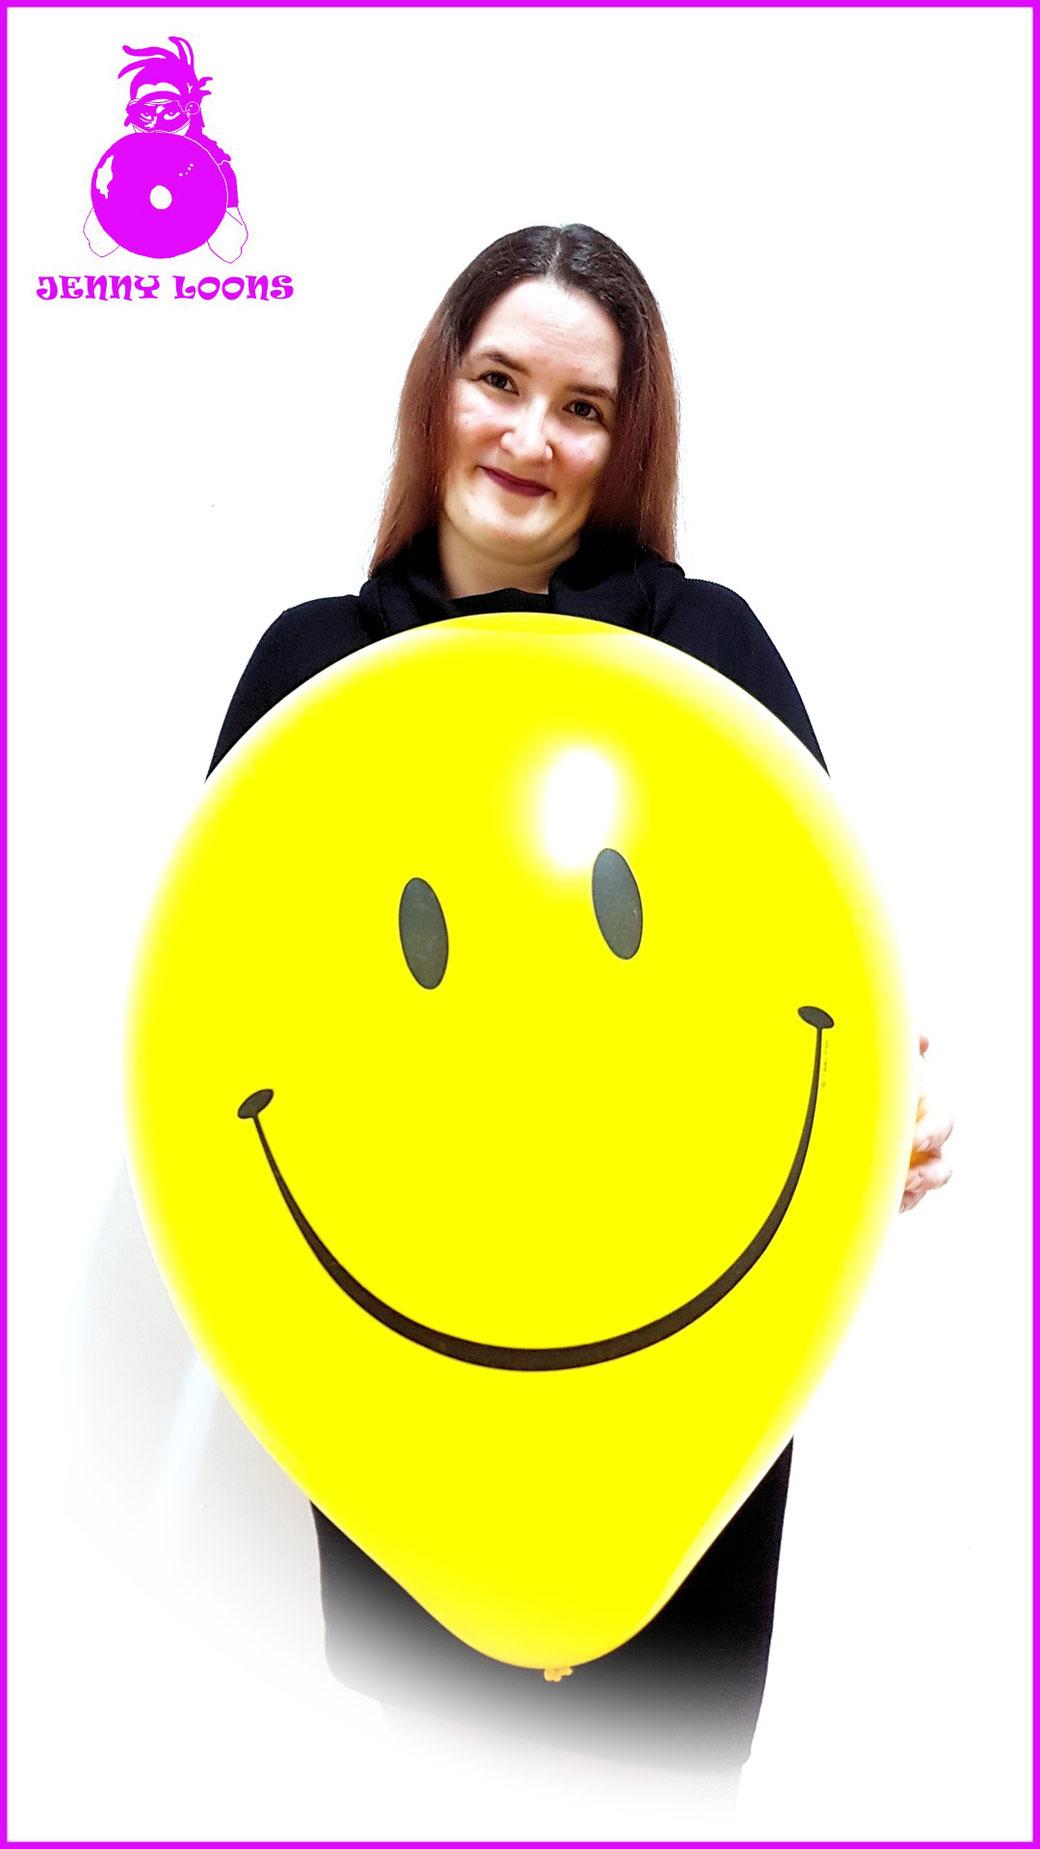 Qualatex Luftballon Ballon Smiley Smile 16inch 40cm Face gelb yellow Balloon Balloons